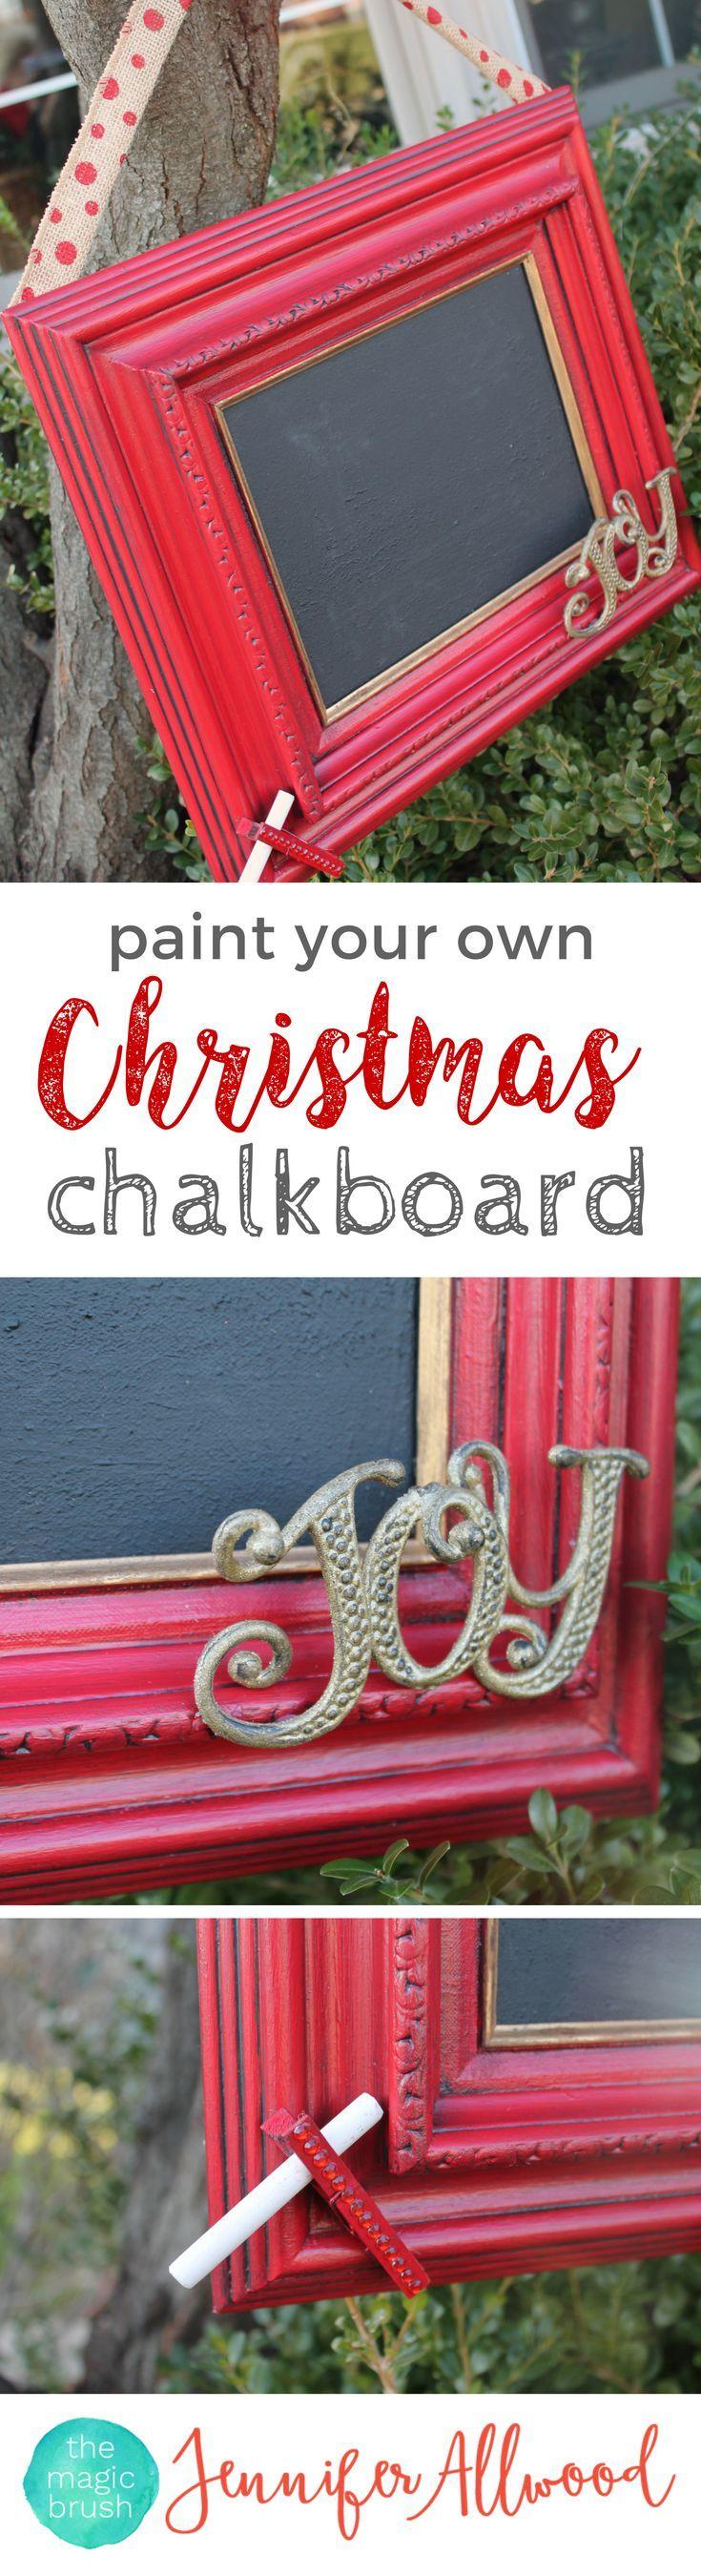 Christmas Joy Chalkboard Sign 177 best Chalkboard